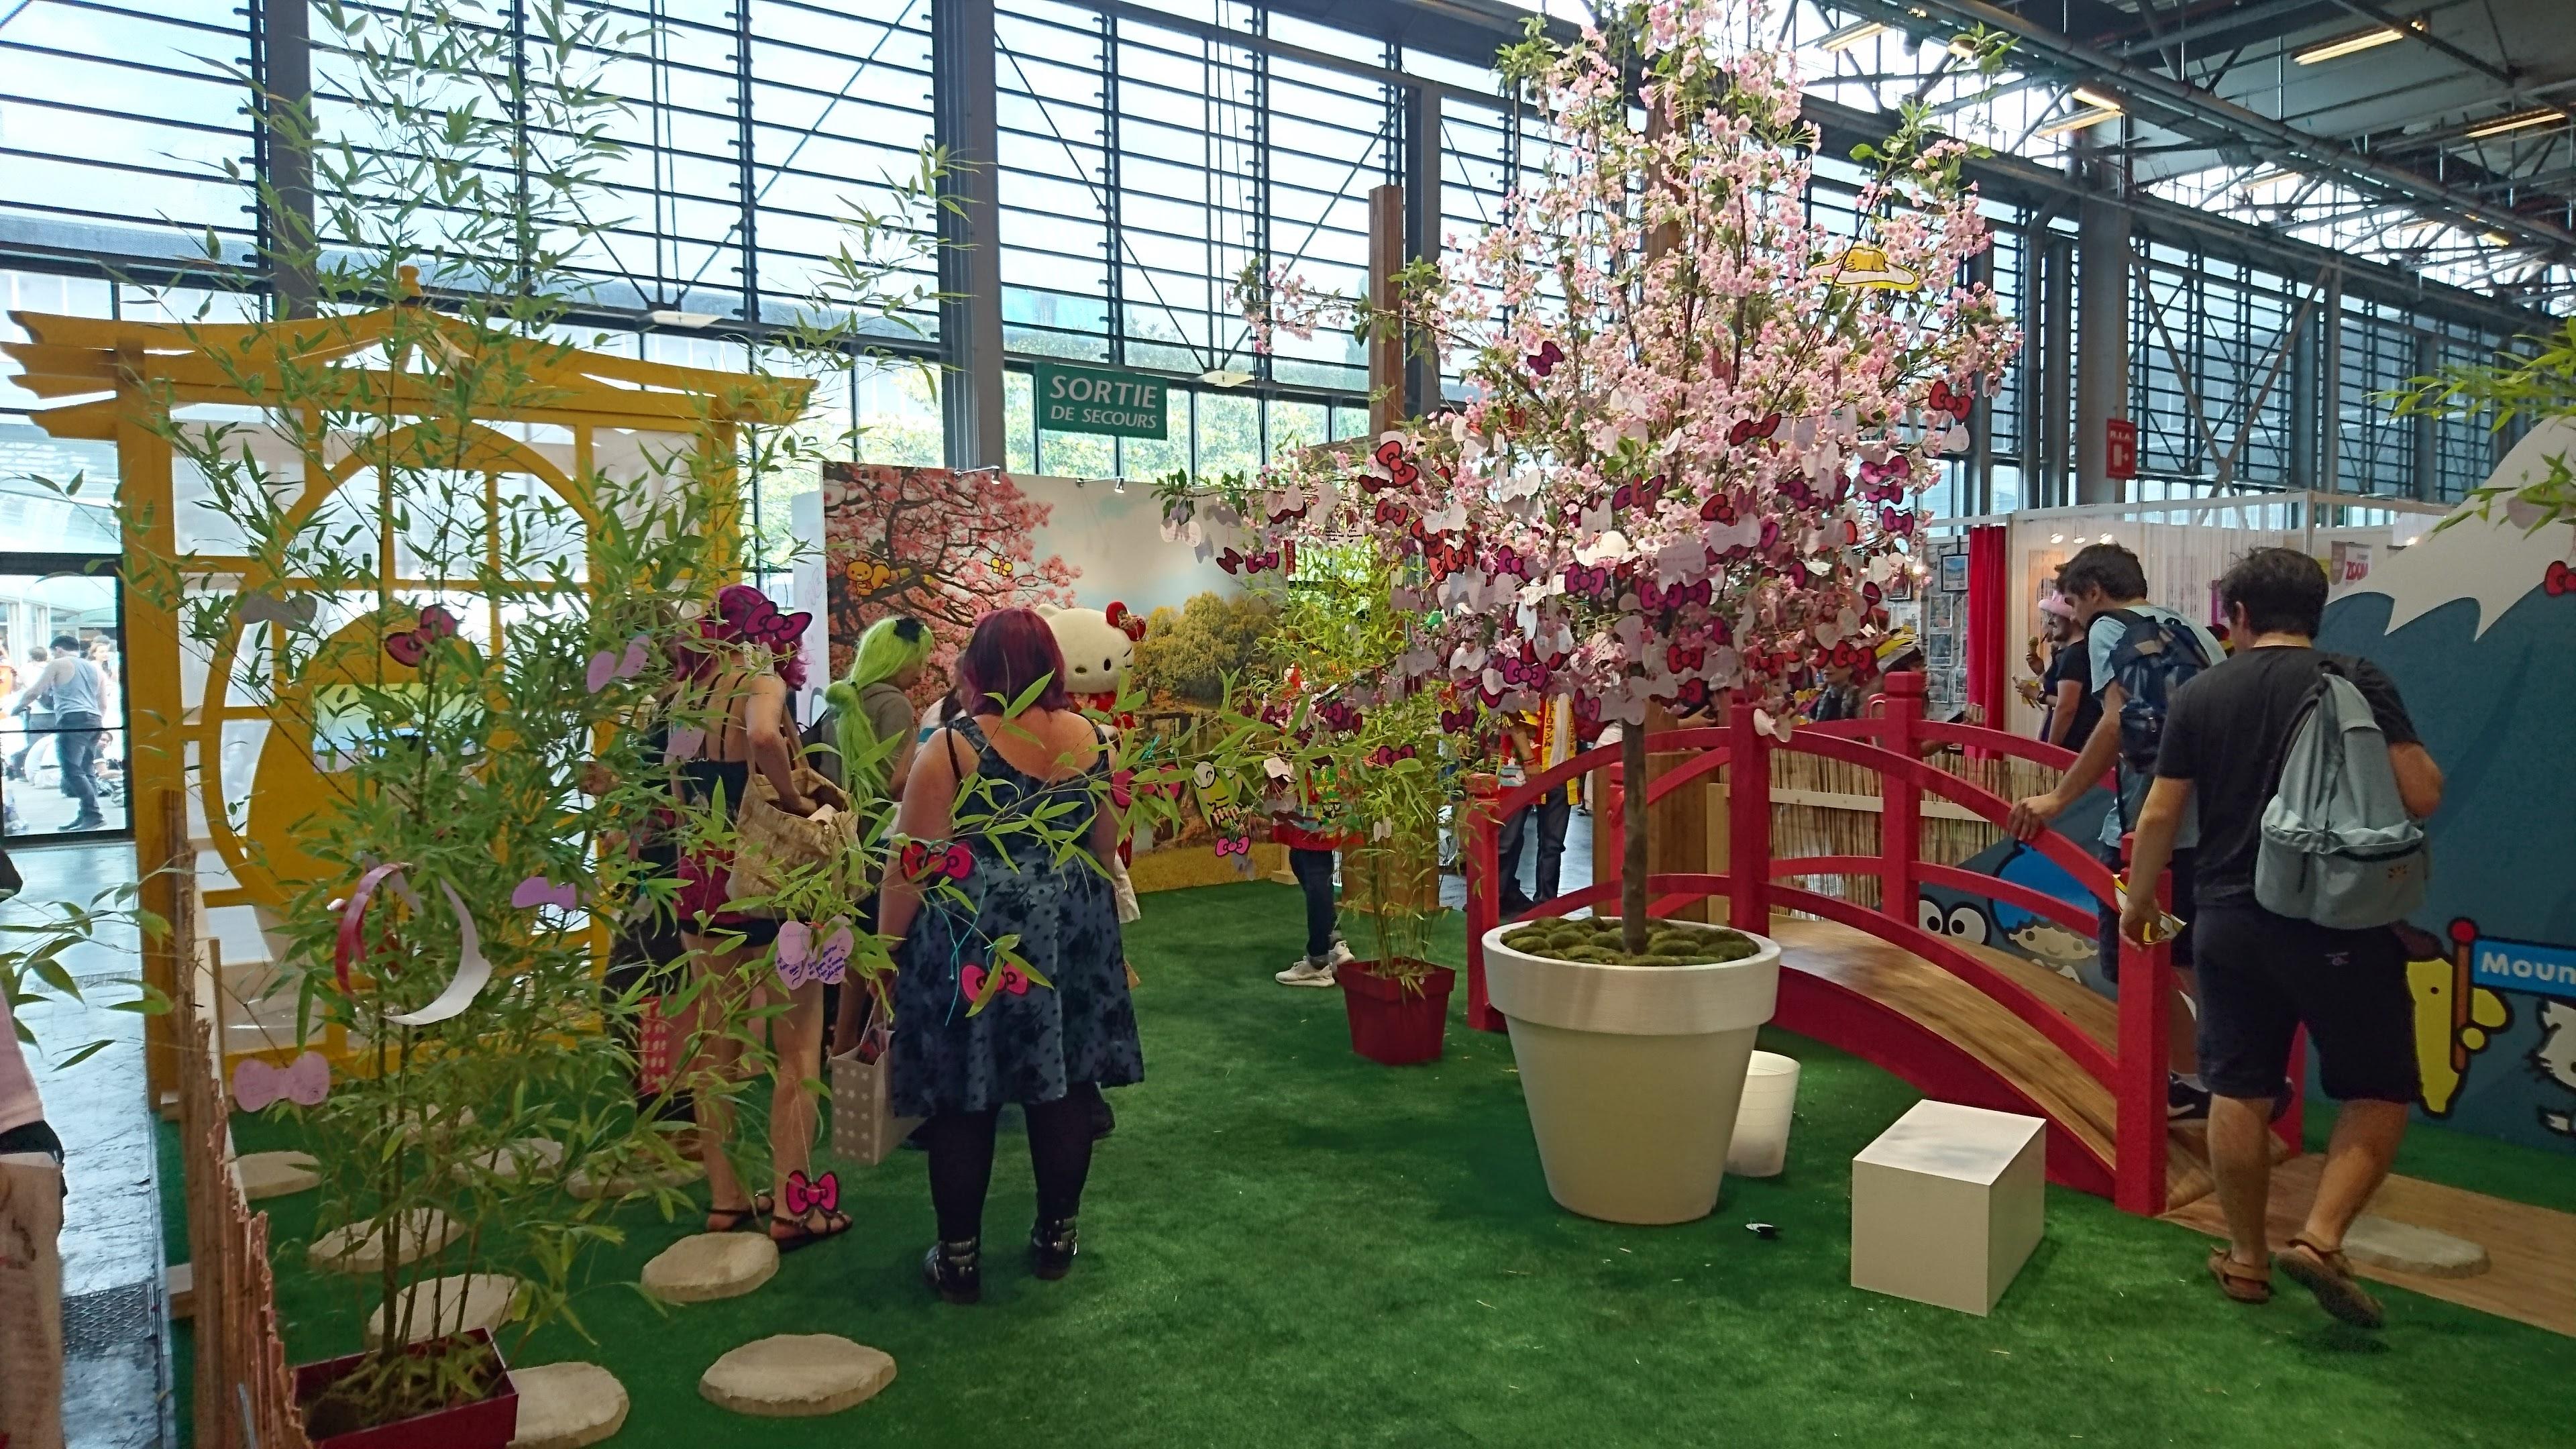 Japan expo jardin hello kitty matcha et sakura for Jardin expo 2016 liege